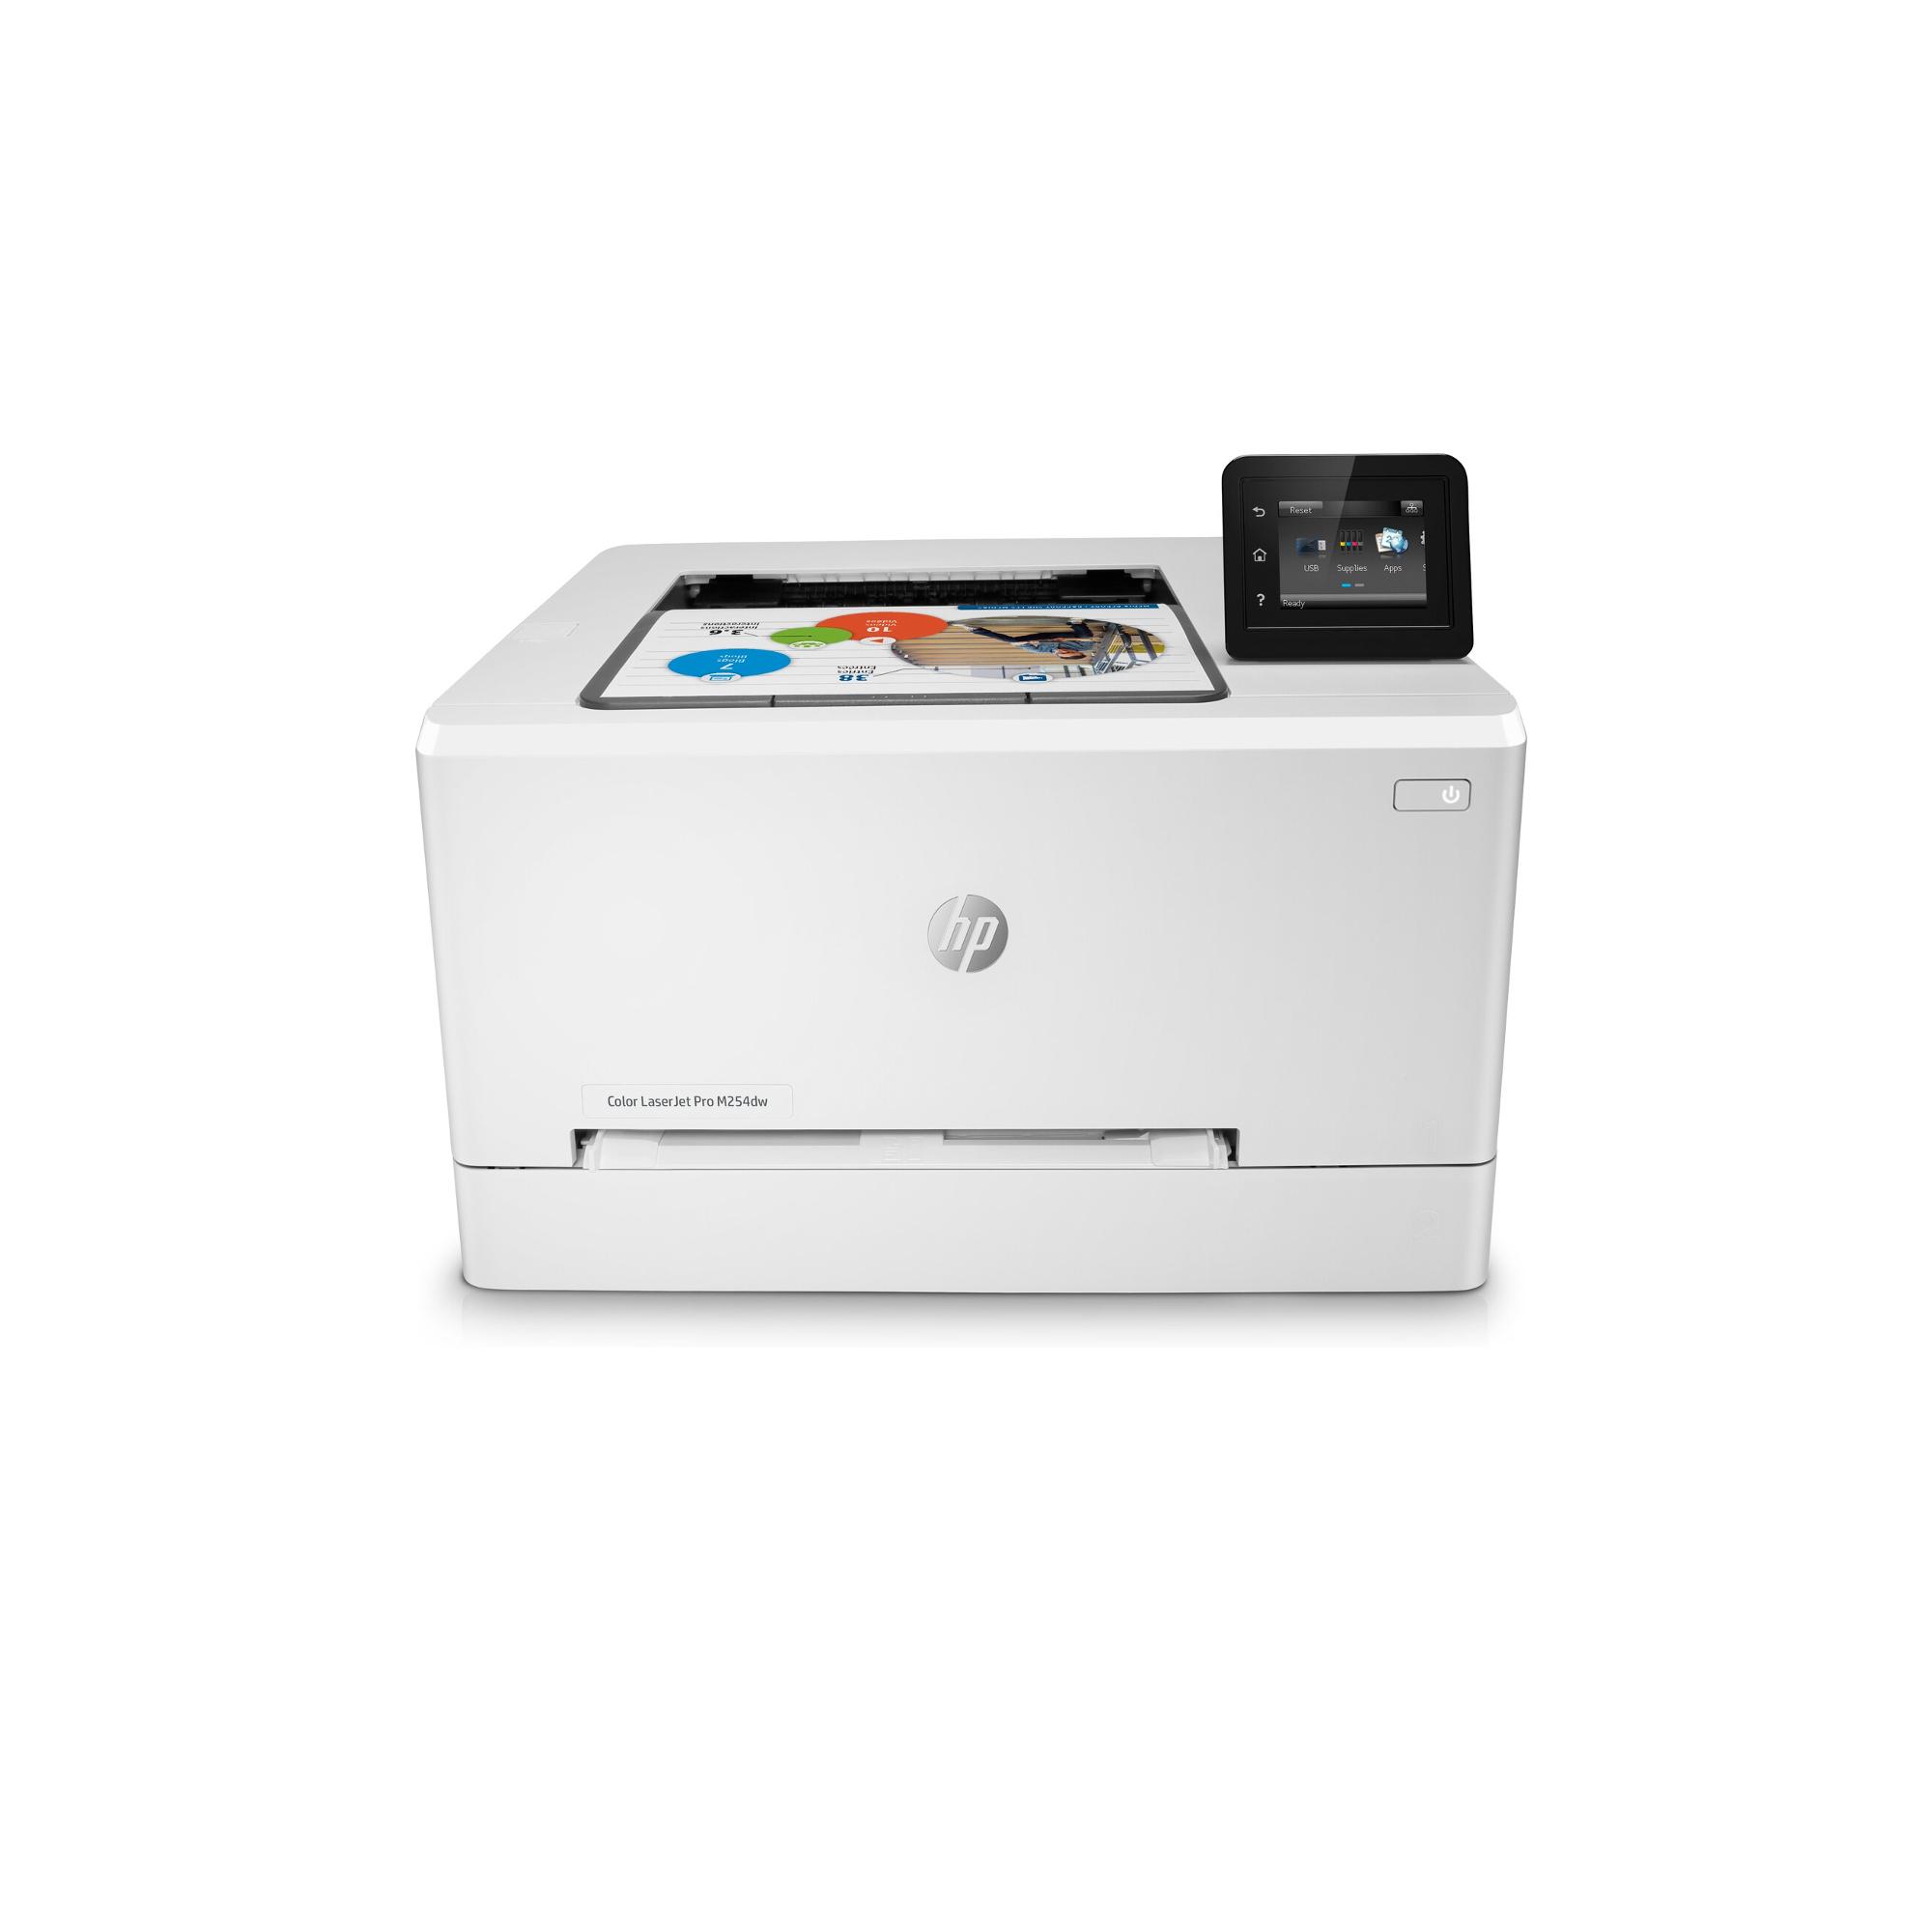 Noleggio Stampante HP Color LaserJet Pro M254dw - Lyreco print services